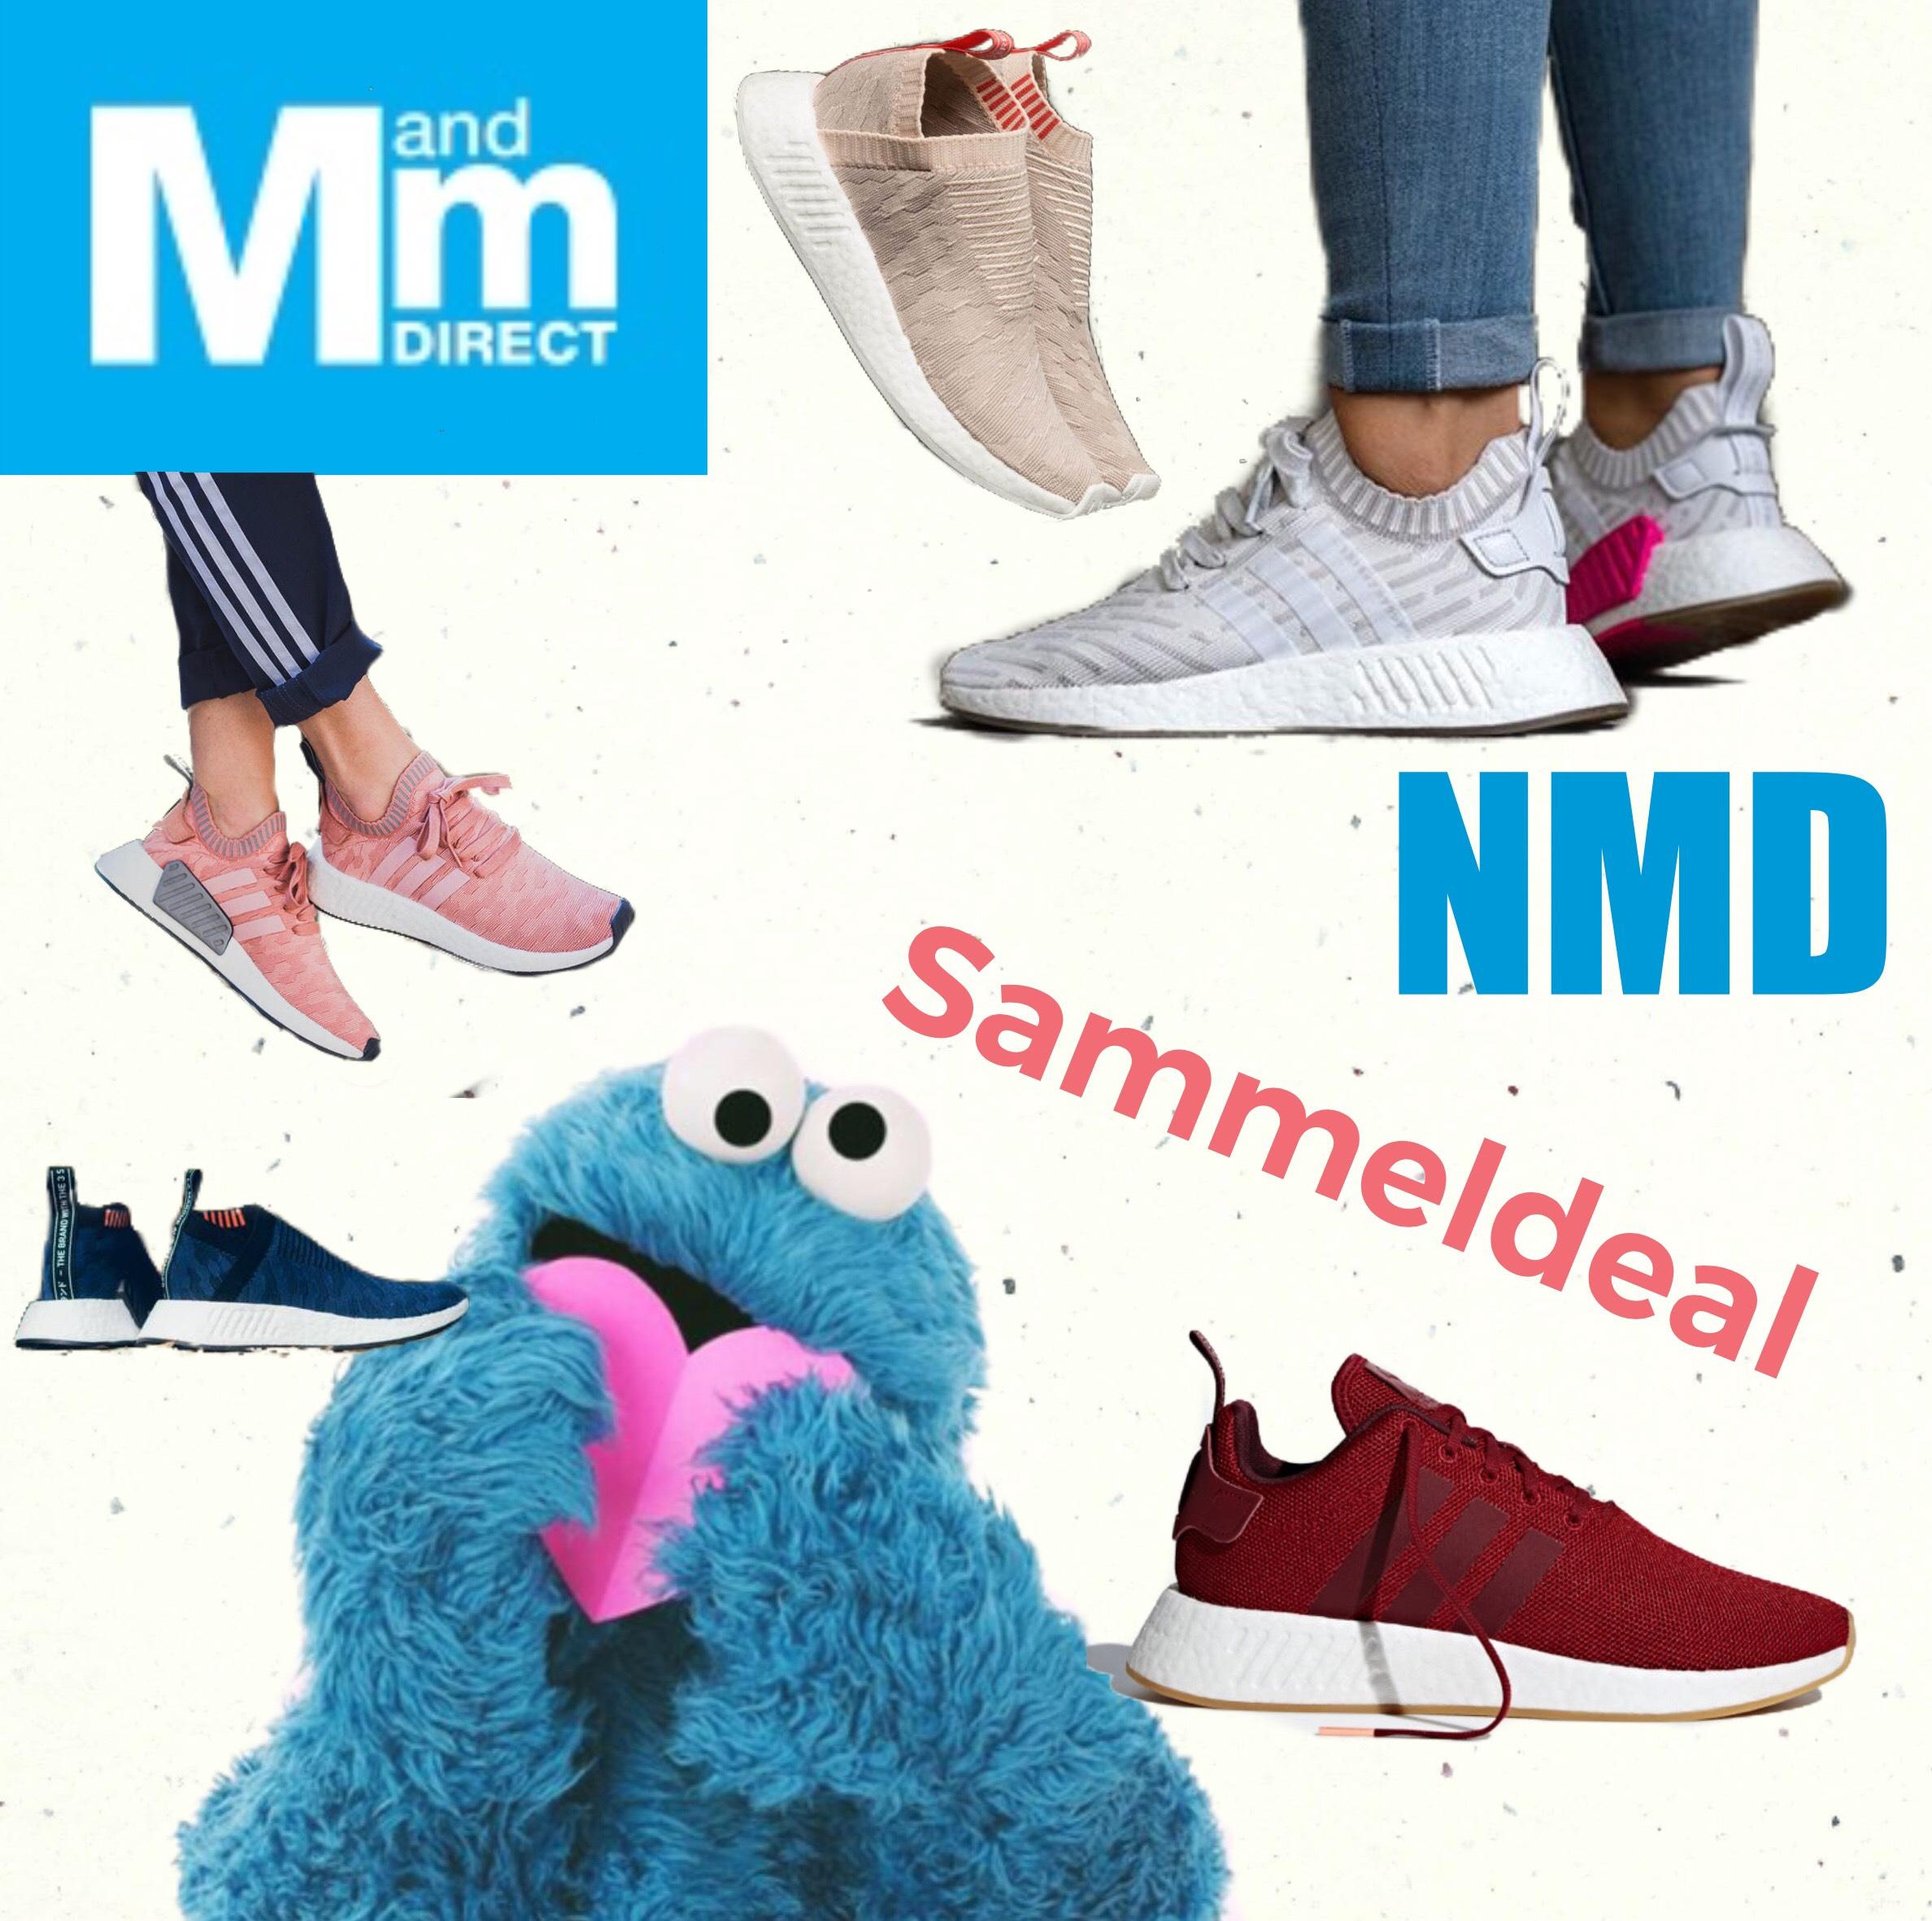 [MandM Direct] kleiner Sammeldeal für die Damen: Adidas Originals Nmd R1, R2 & CS2 ab 51,95€ + Versand